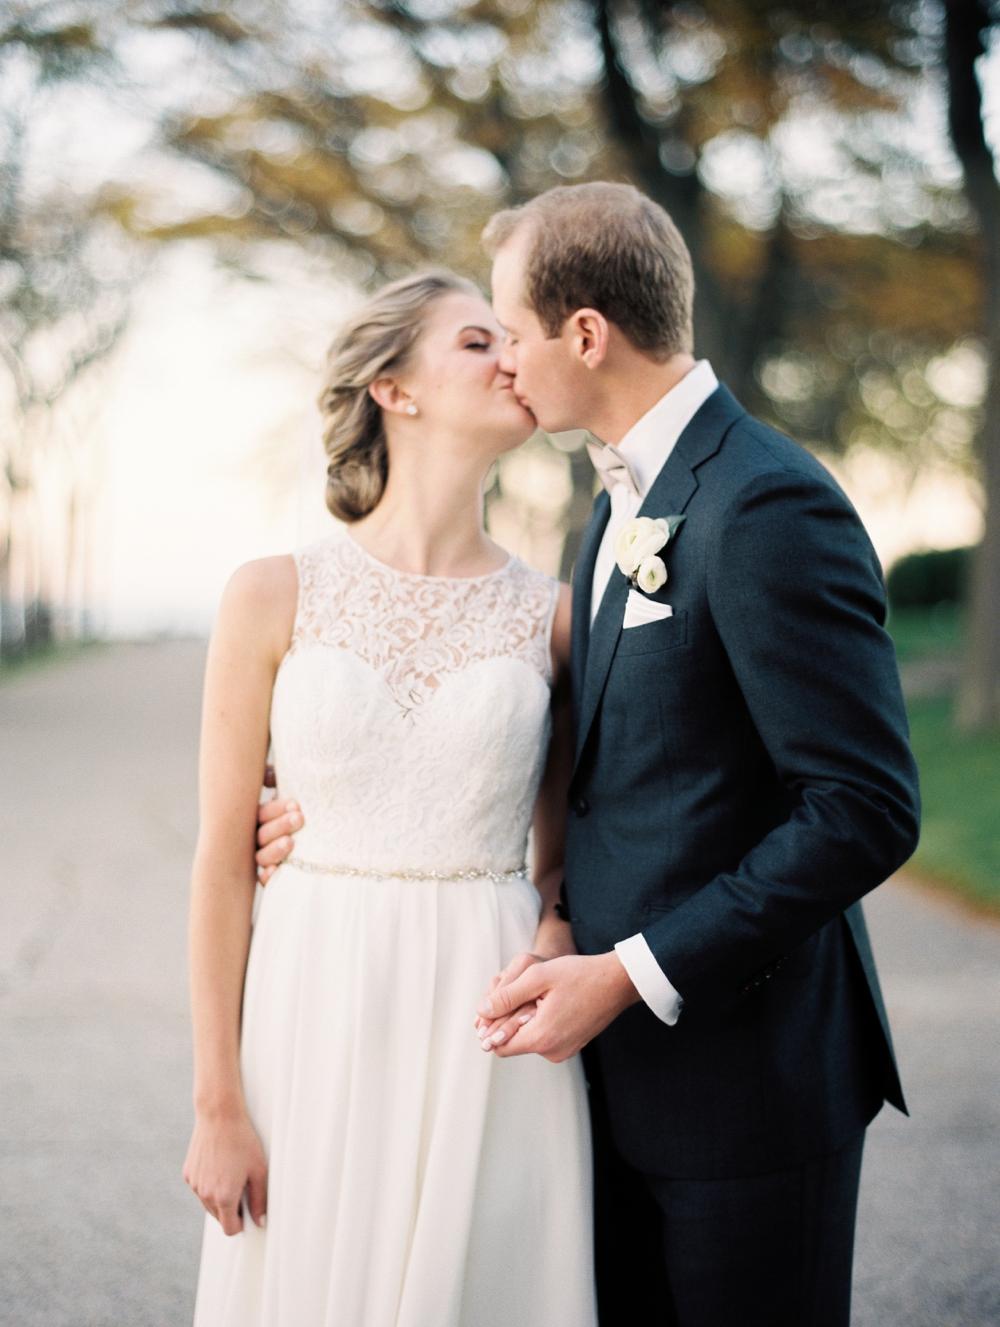 kristin-la-voie-photography-bridgeport-art-center-wedding-chicago-wedding-photographer-98.jpg